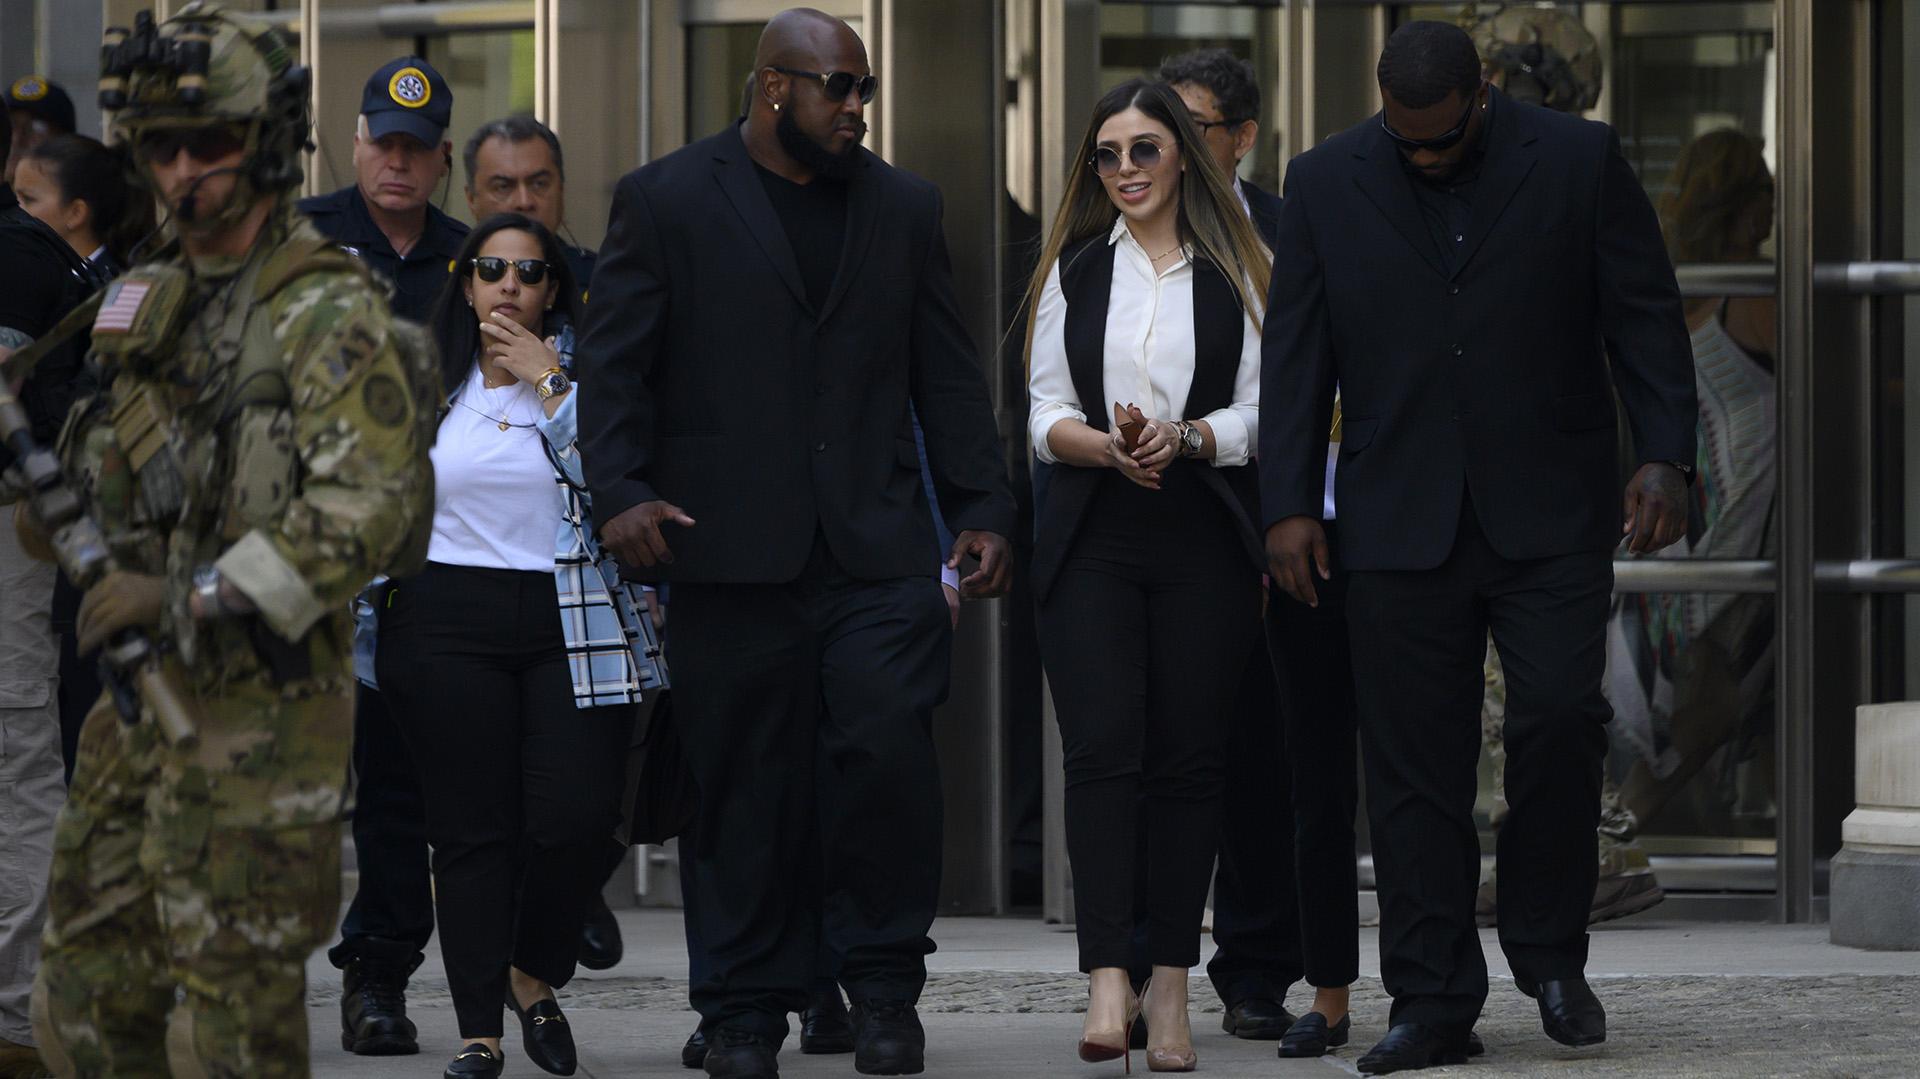 Emma Coronel en fotos: del juicio del Chapo Guzmán a la noticia de su  arresto en EEUU - Infobae